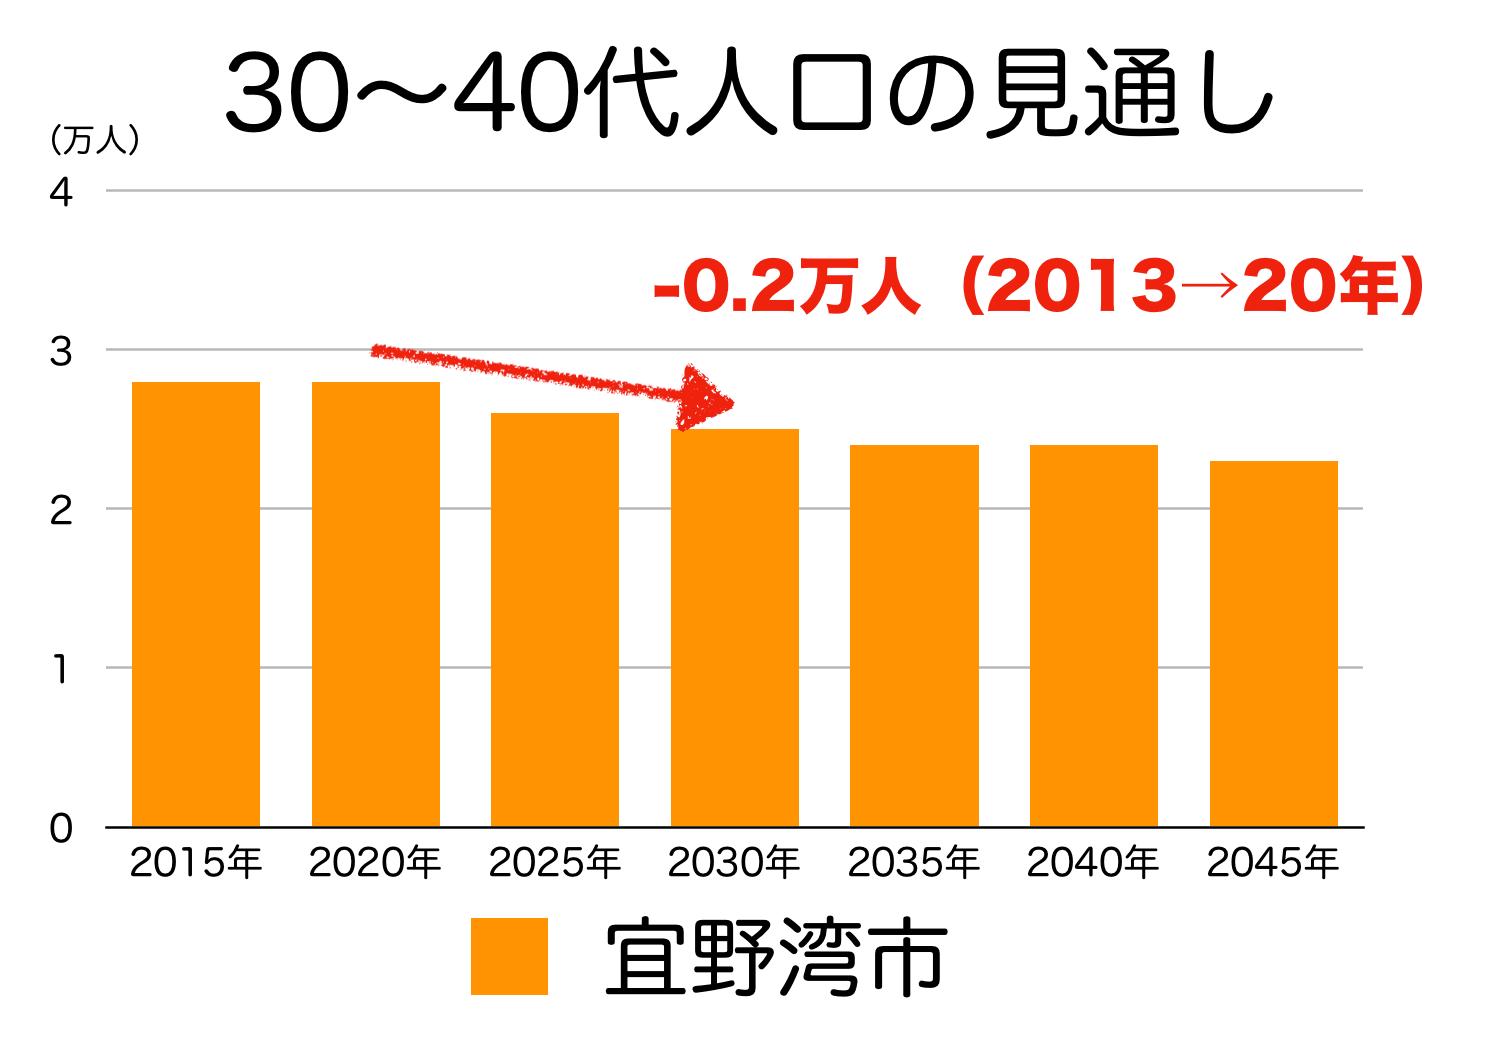 宜野湾市の30〜40代人口の予測